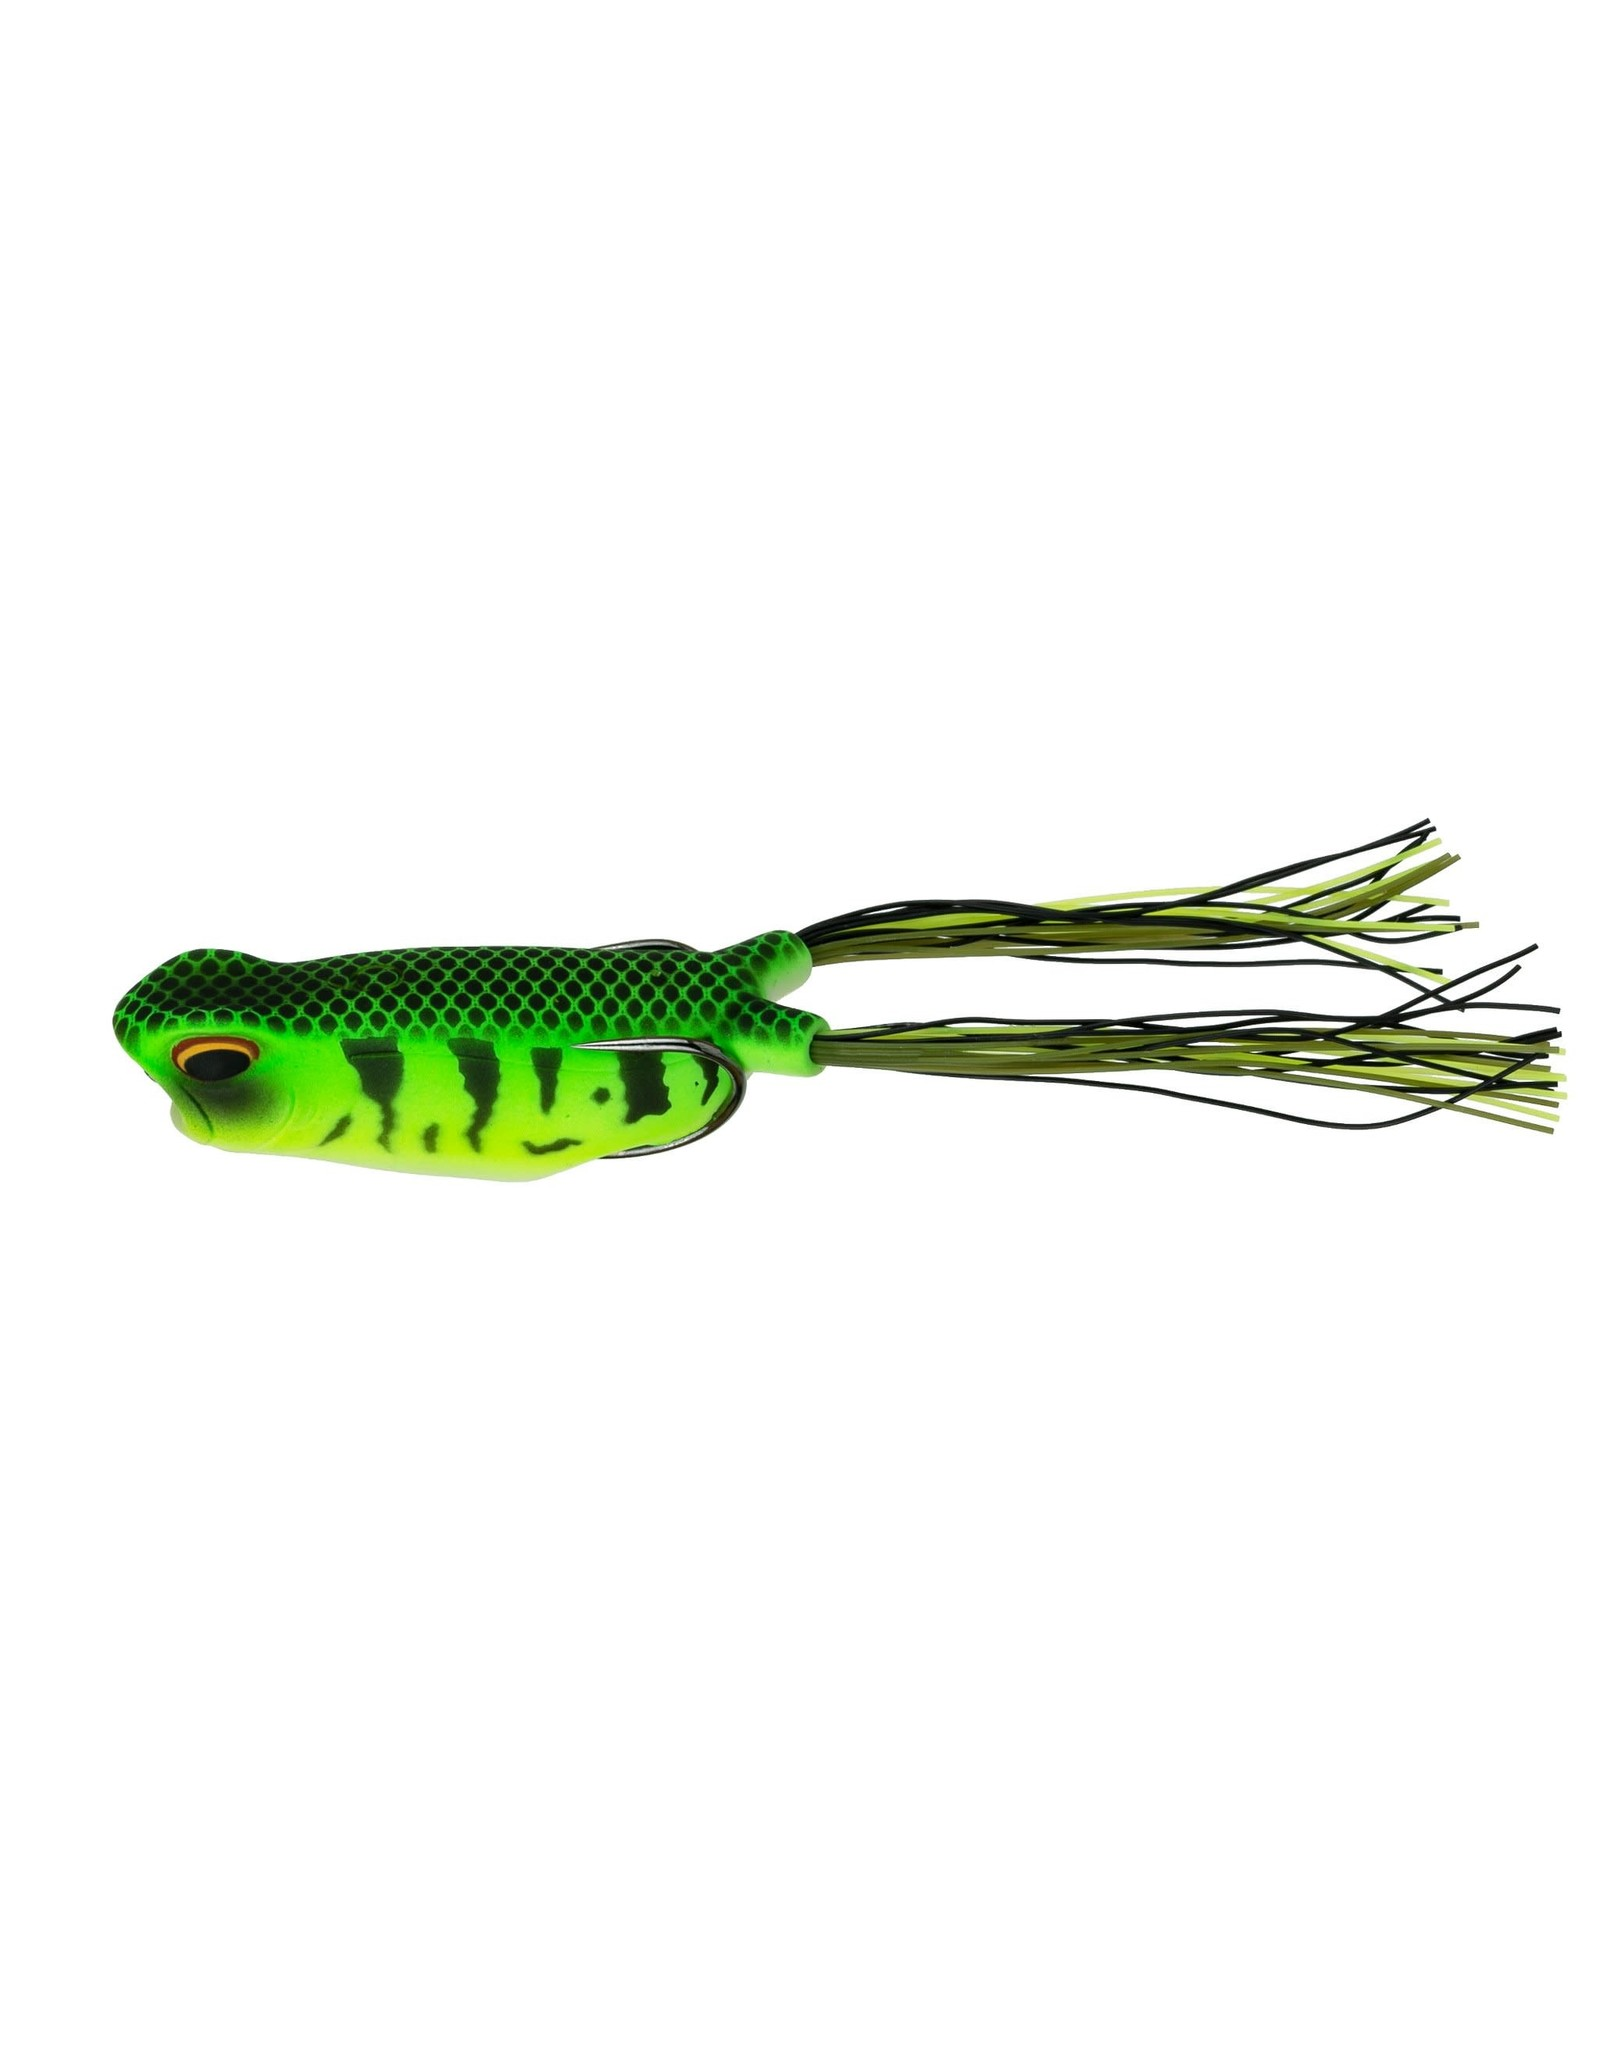 6th Sense Fishing 6th Sense Vega Frog